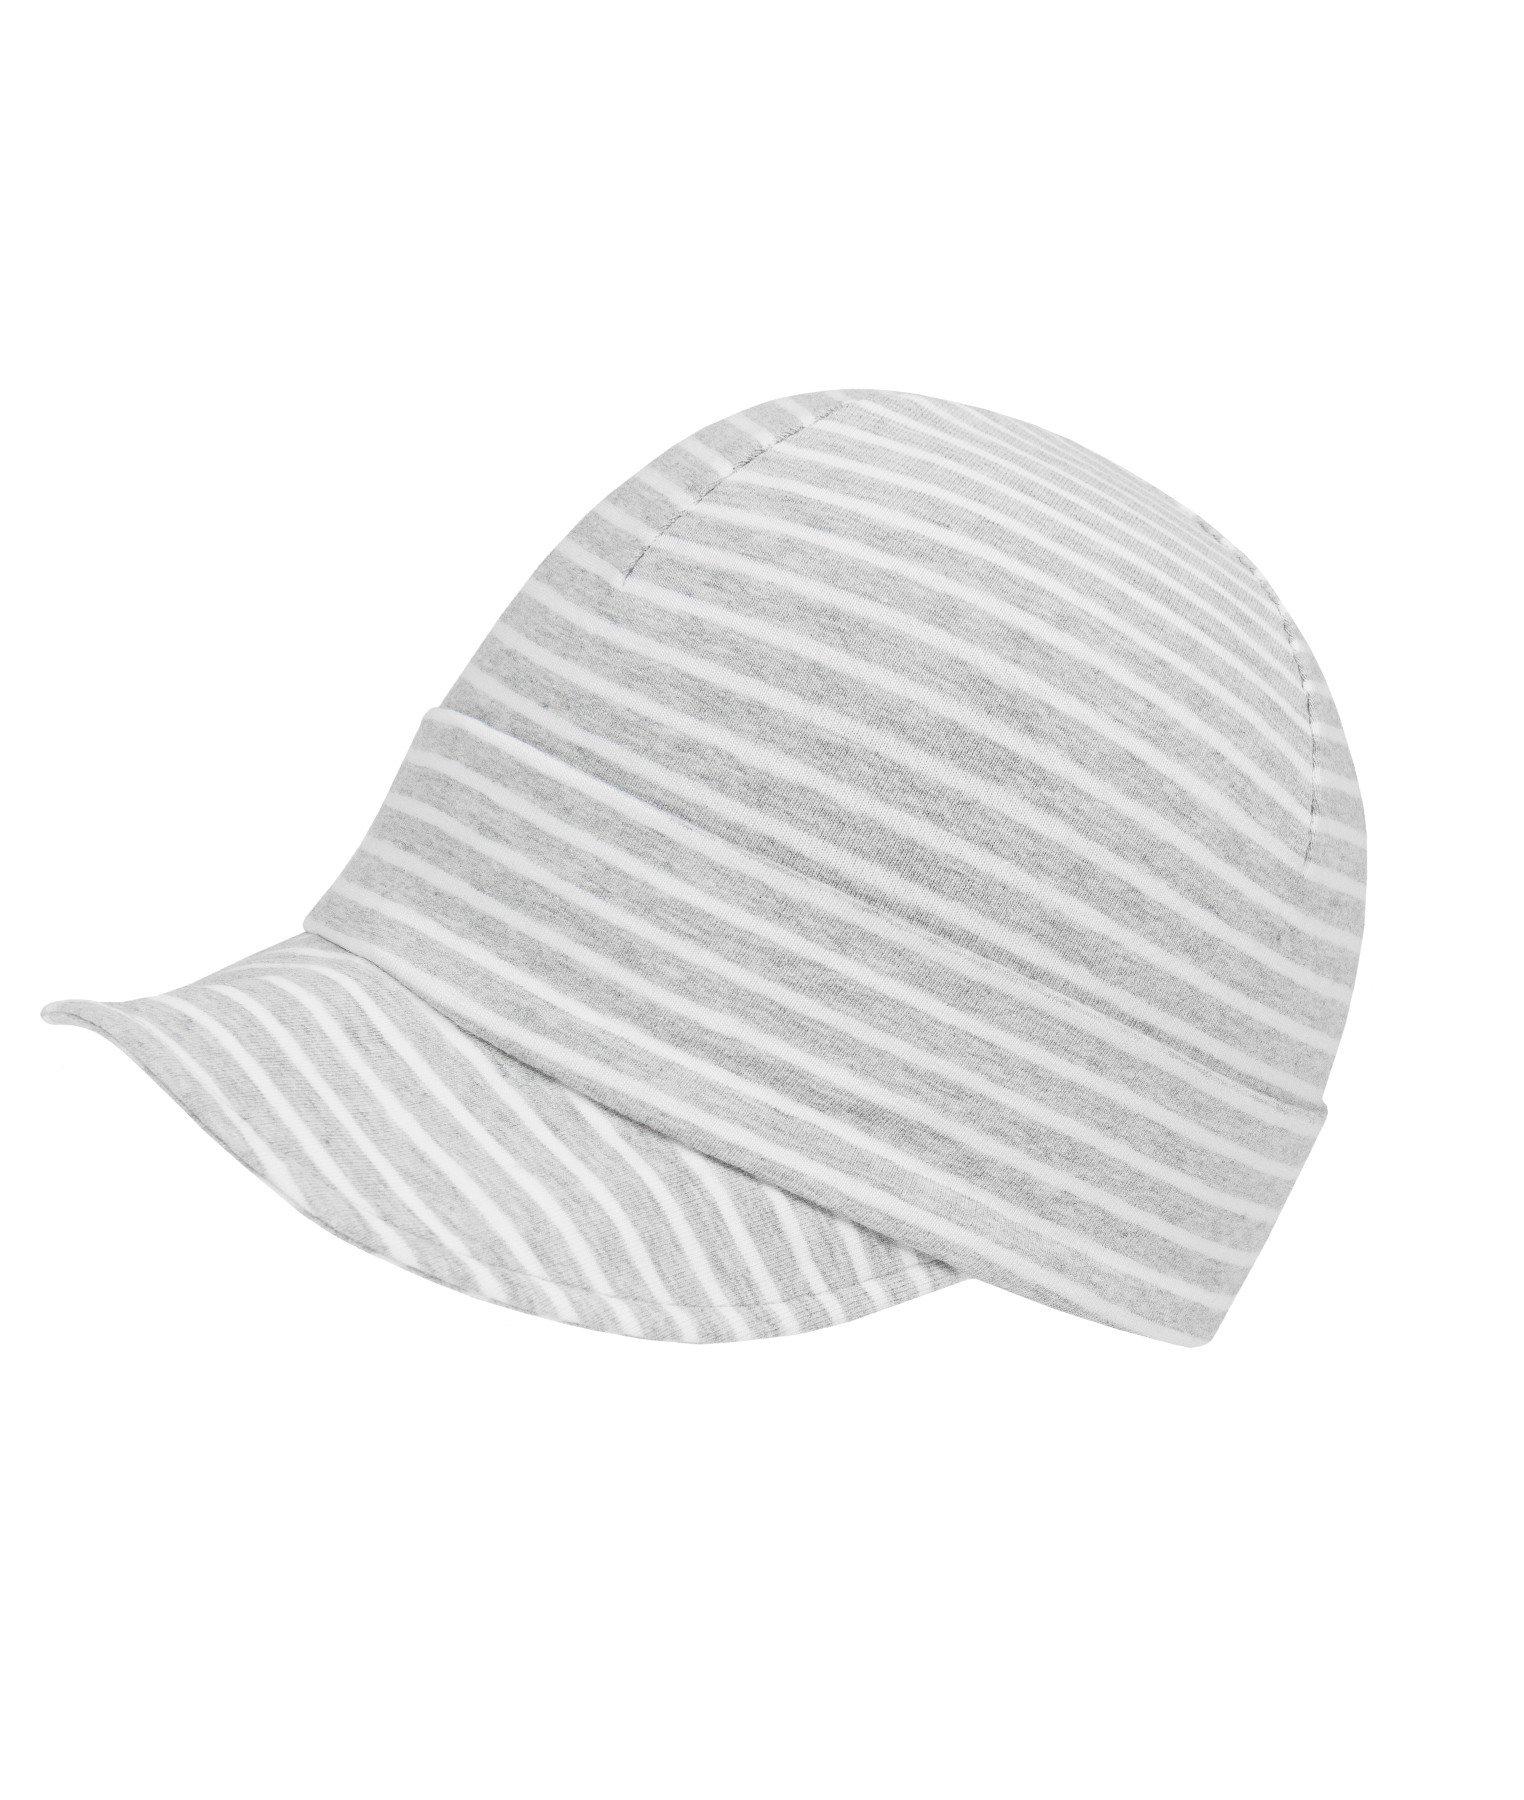 34-44 Mütze Weiße Baby Kinder Haube Mützchen elastisch Häubchen Gr